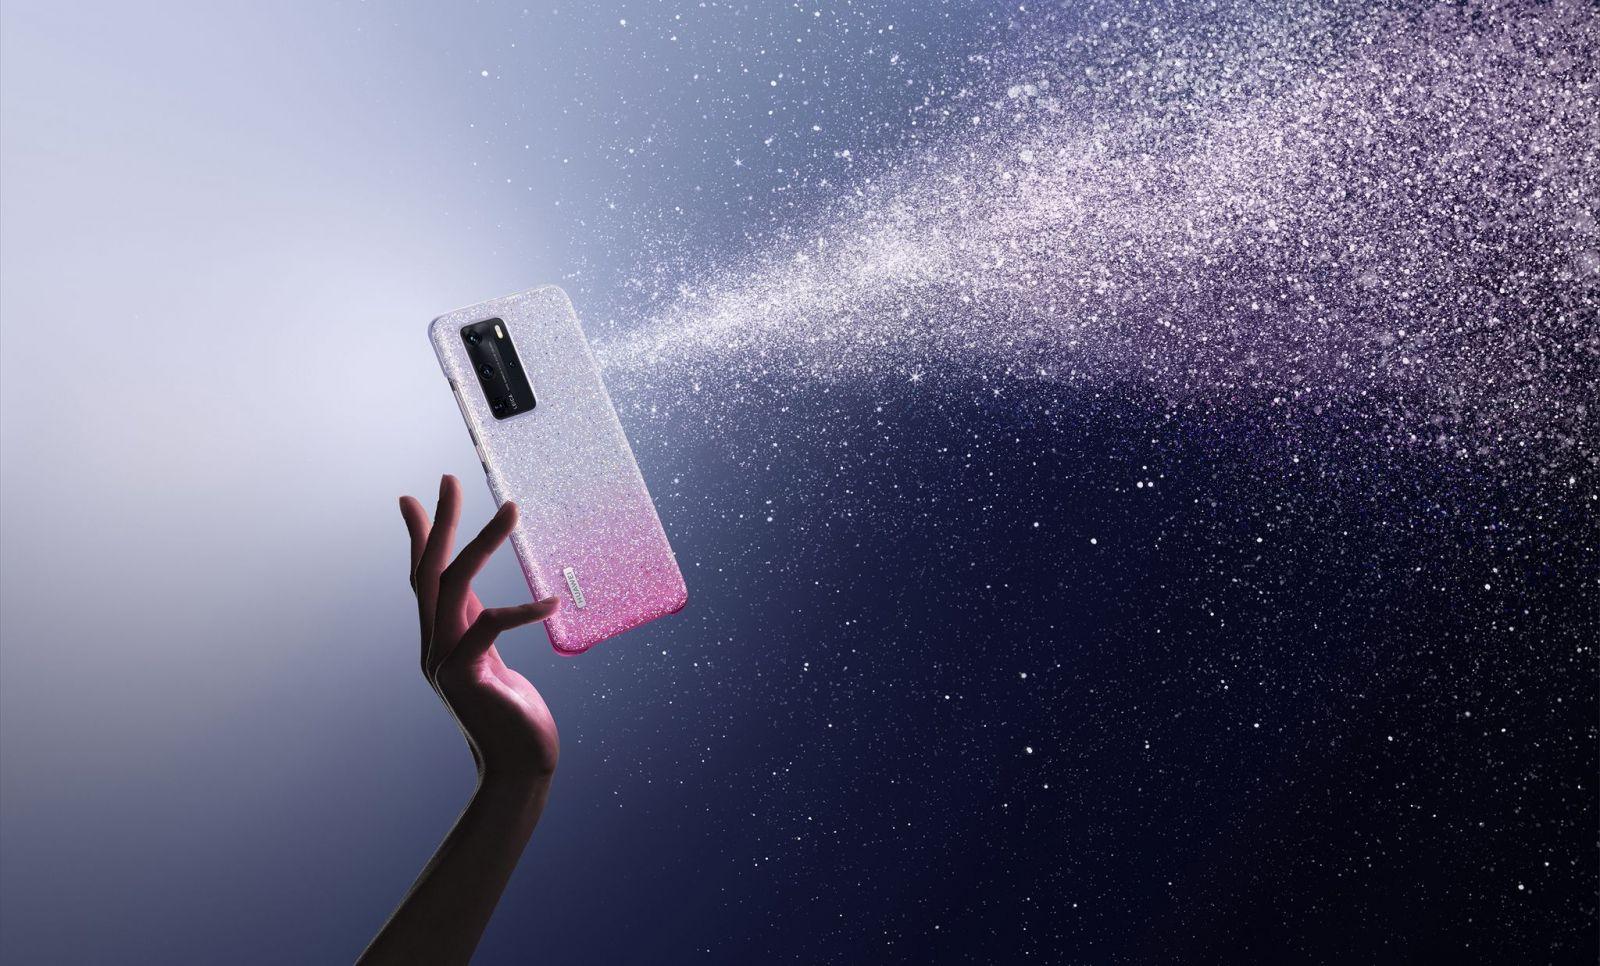 Na čo slúži 90 Hz obnovovacia frekvencia displeja v Huawei P40 Pro?